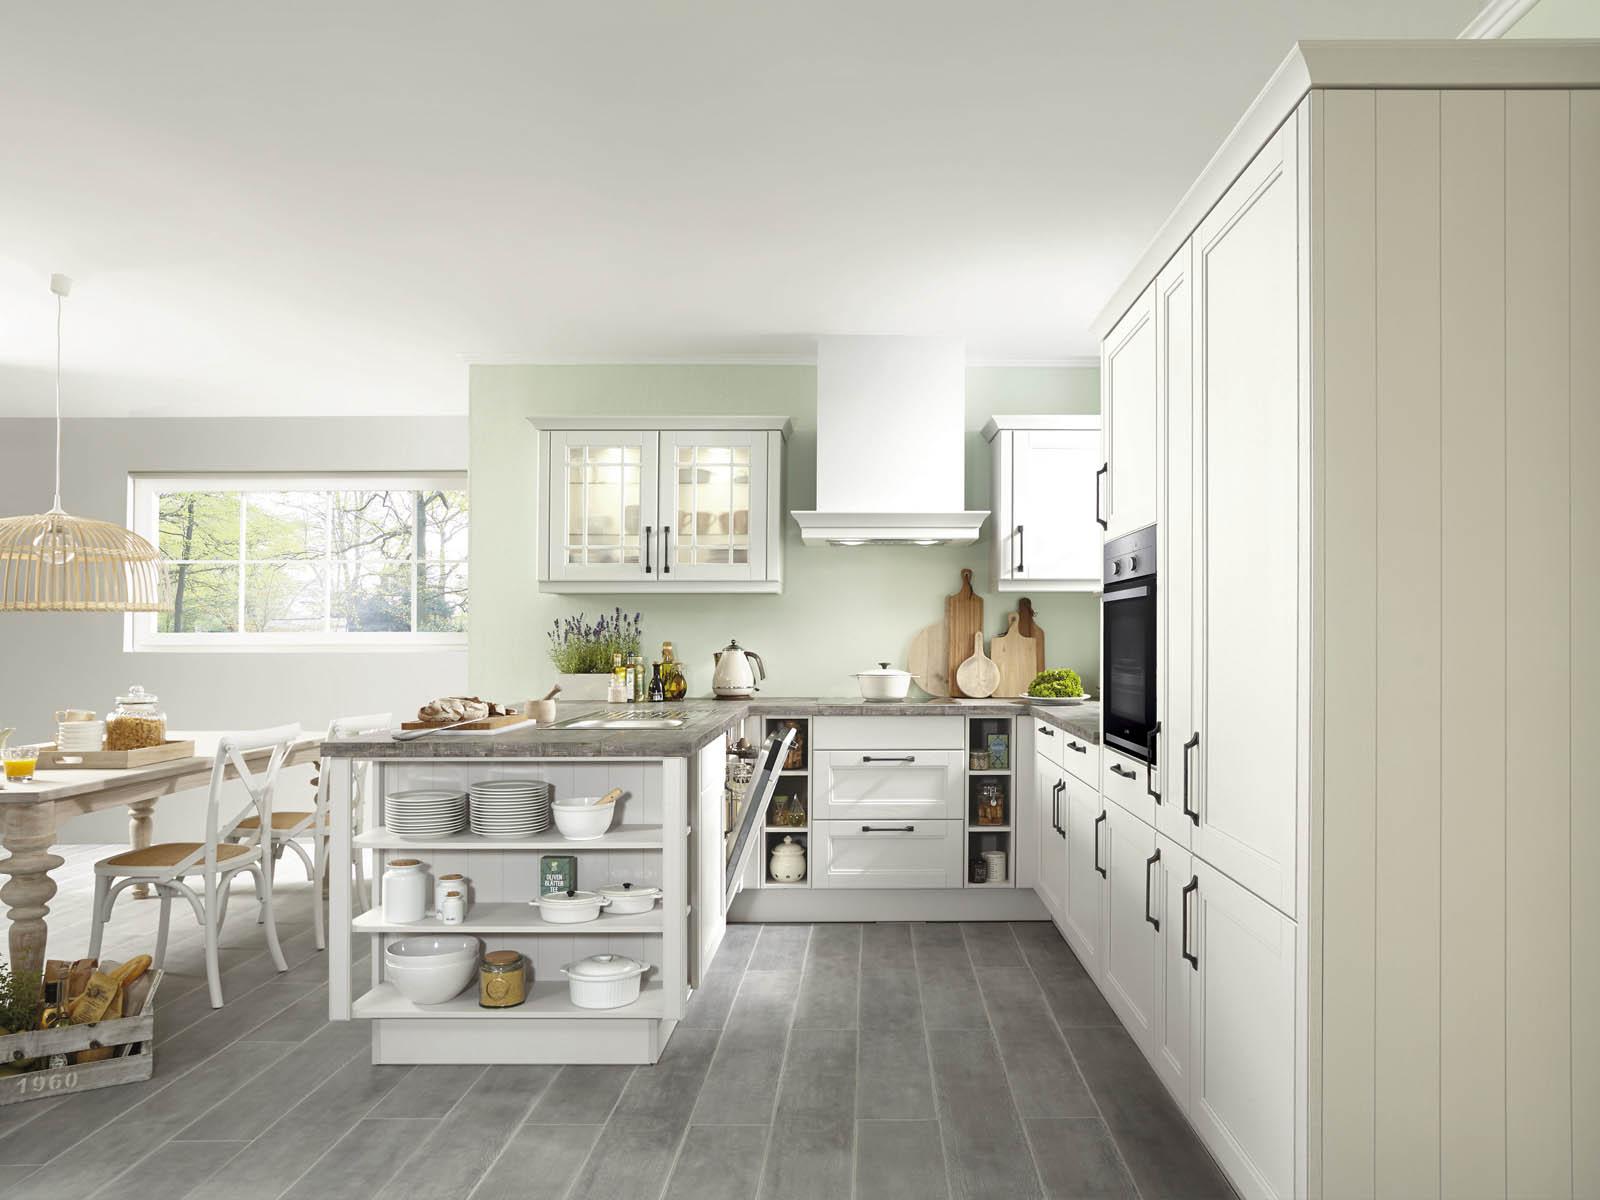 Classic Kitchen Küchentime York 901